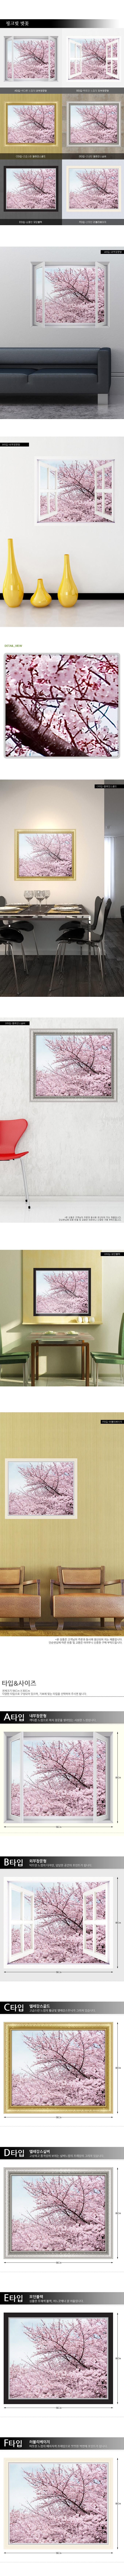 cj843-핑크빛벚꽃_창문그림액자 - 꾸밈, 24,000원, 벽지/시트지, 플라워 시트